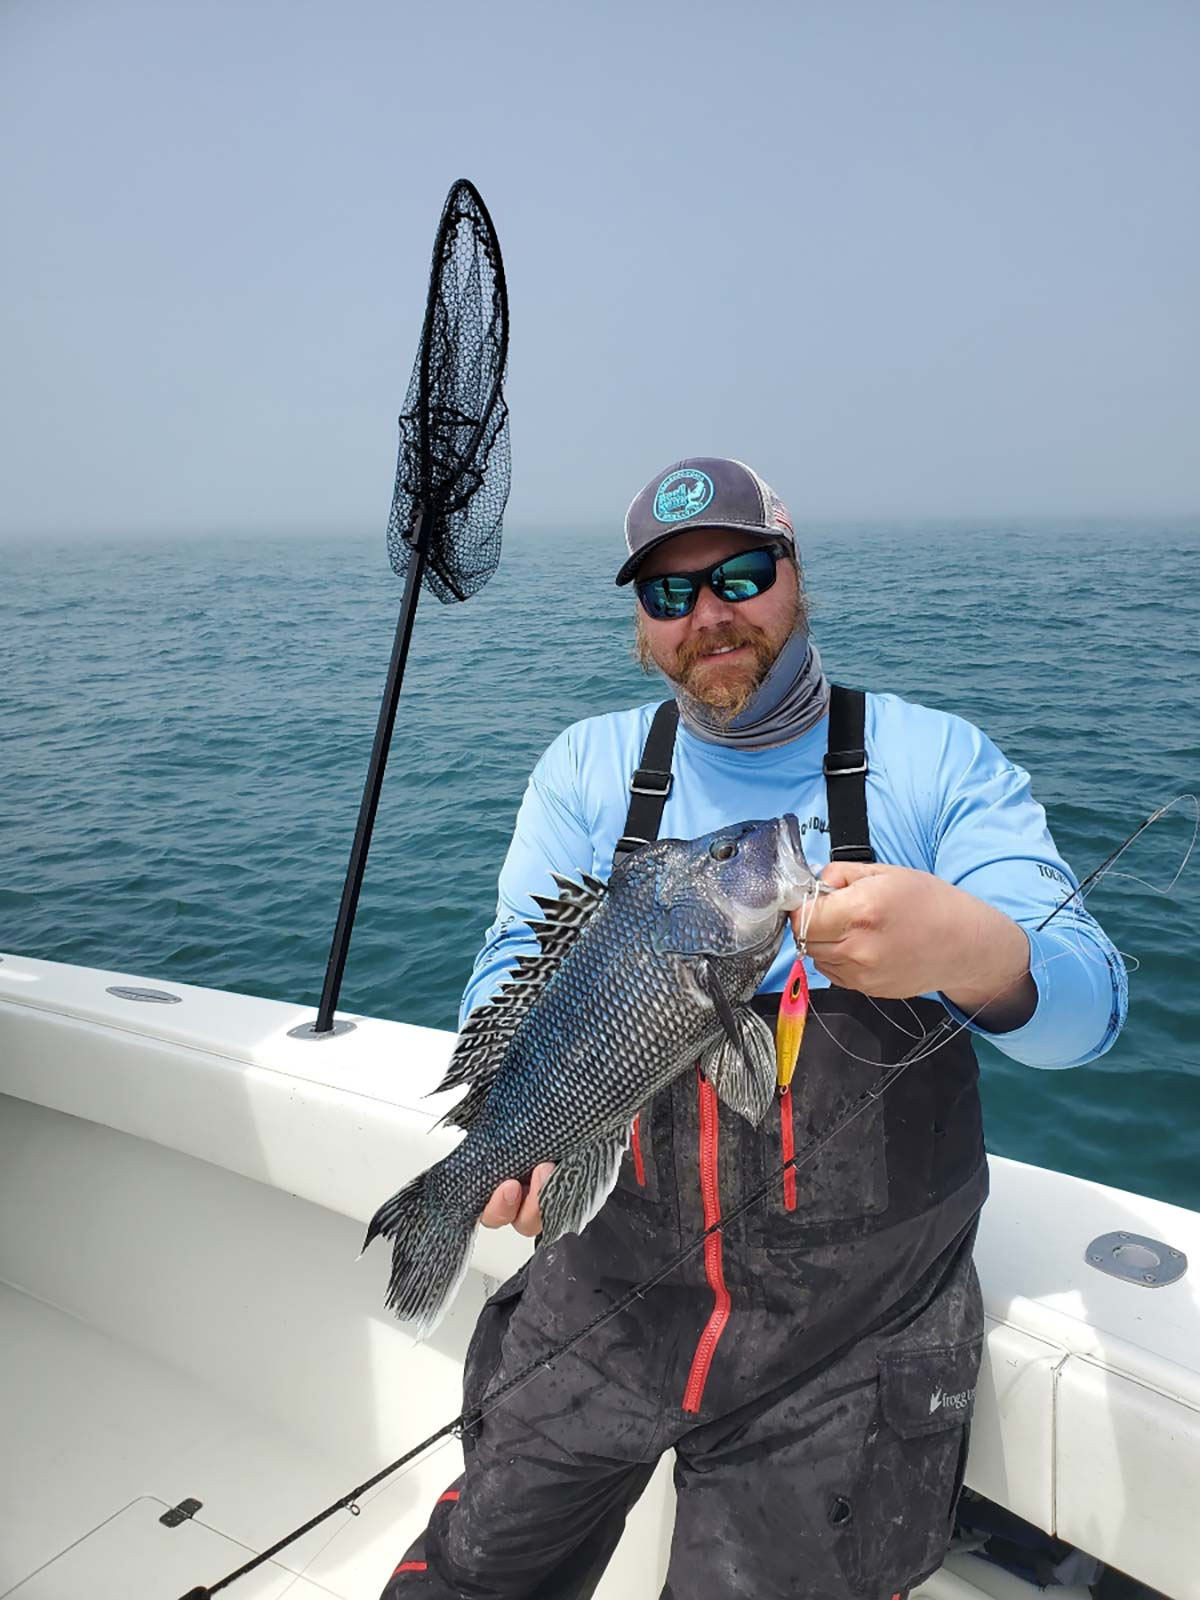 Eric sea bass